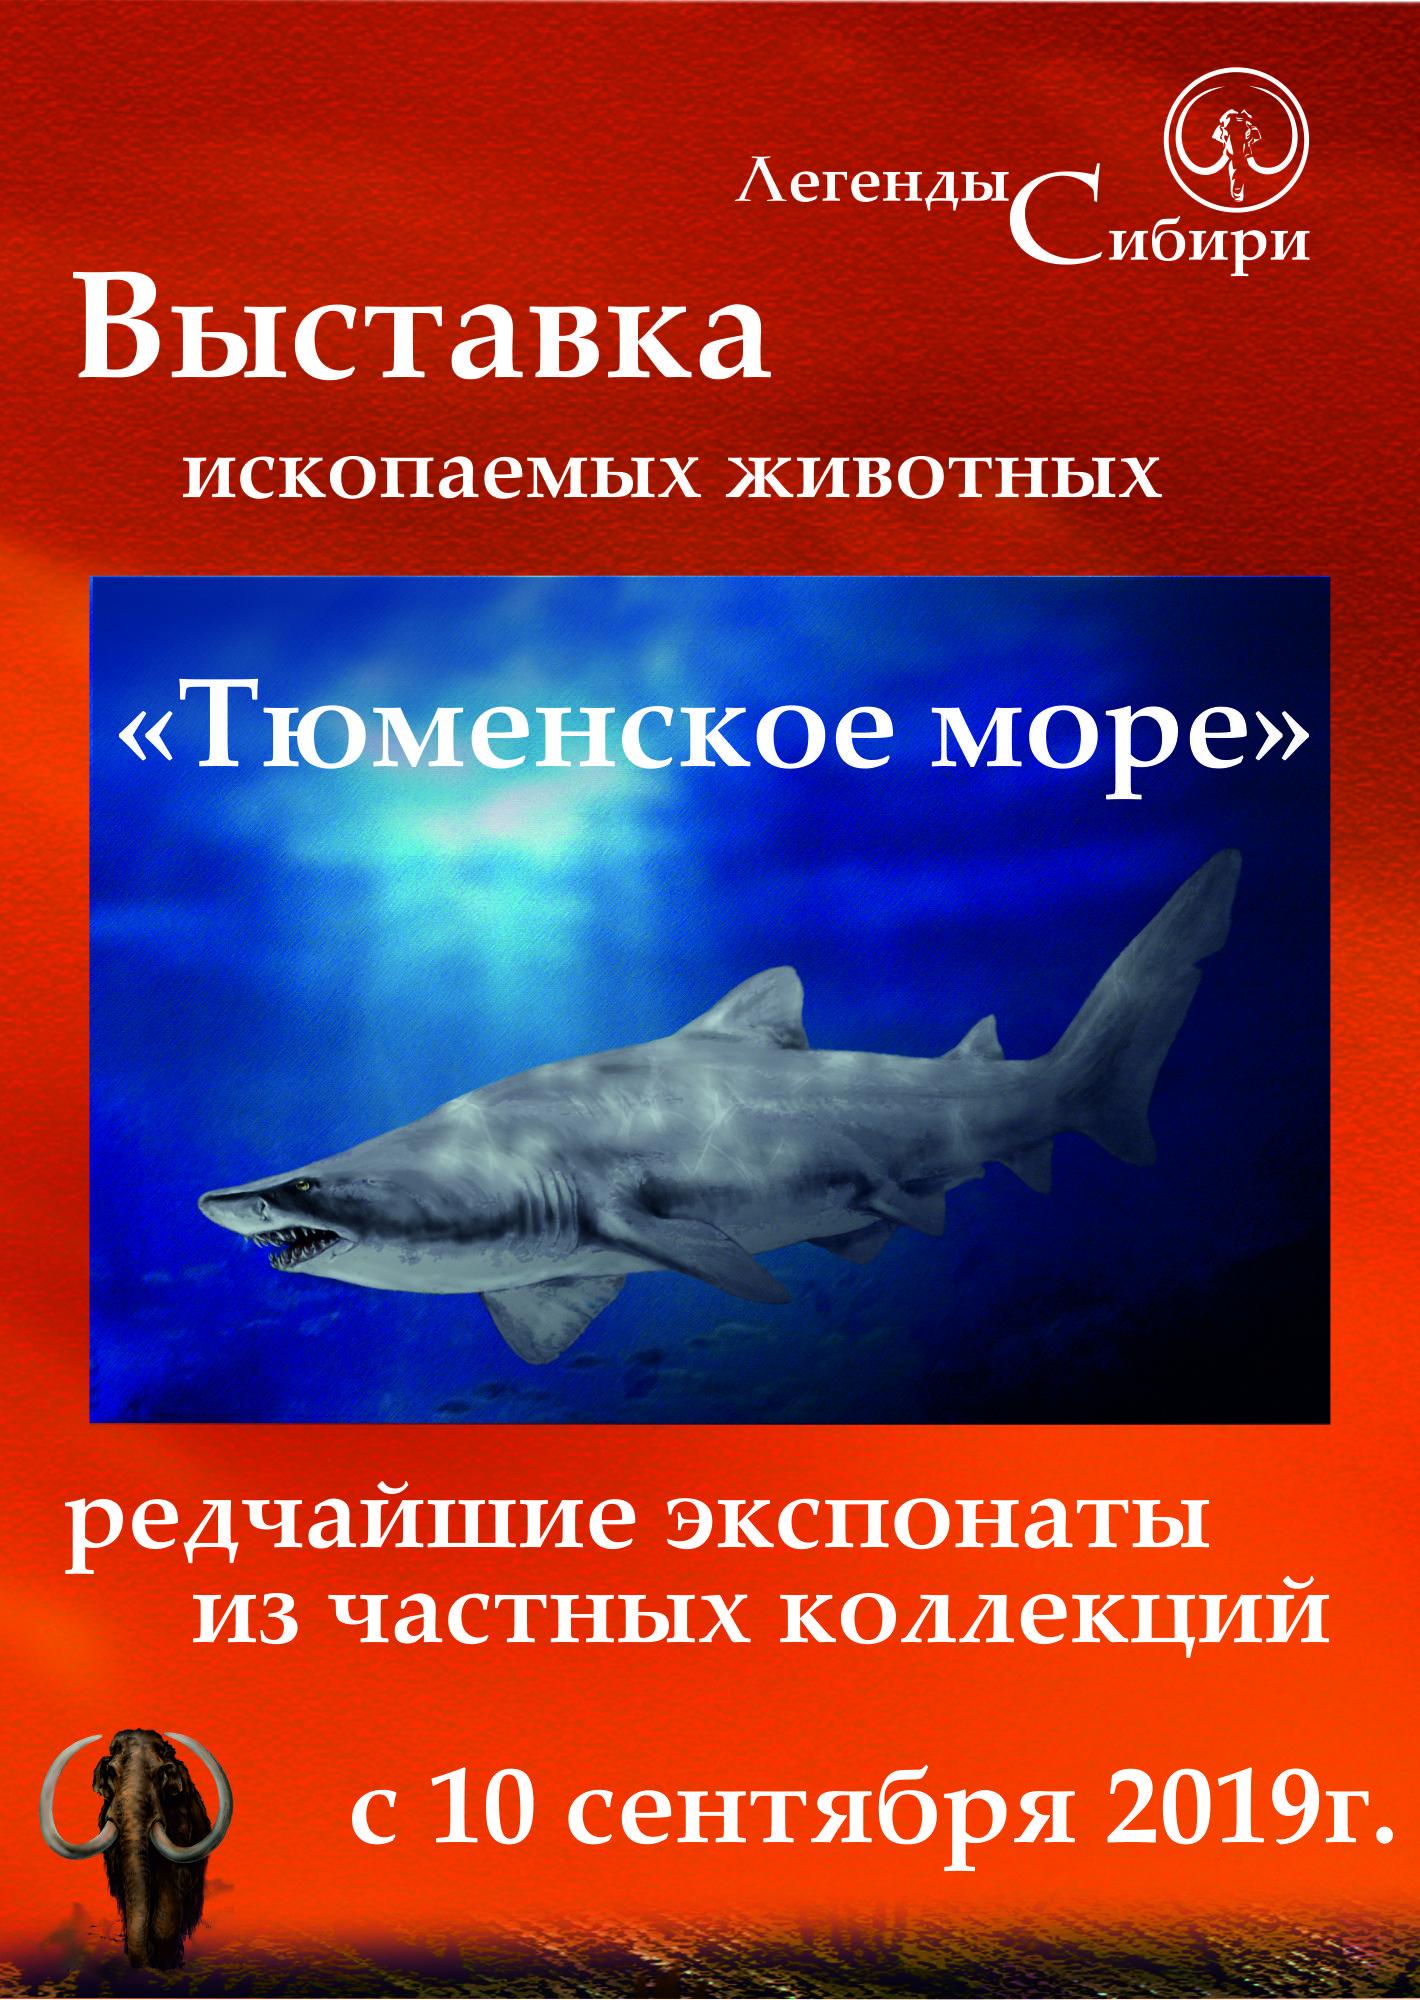 Легенды Сибири, тюменское море, выставка, выставки в тюмени, что подарить, магазин сувениров, магазин подарков, зубы акул